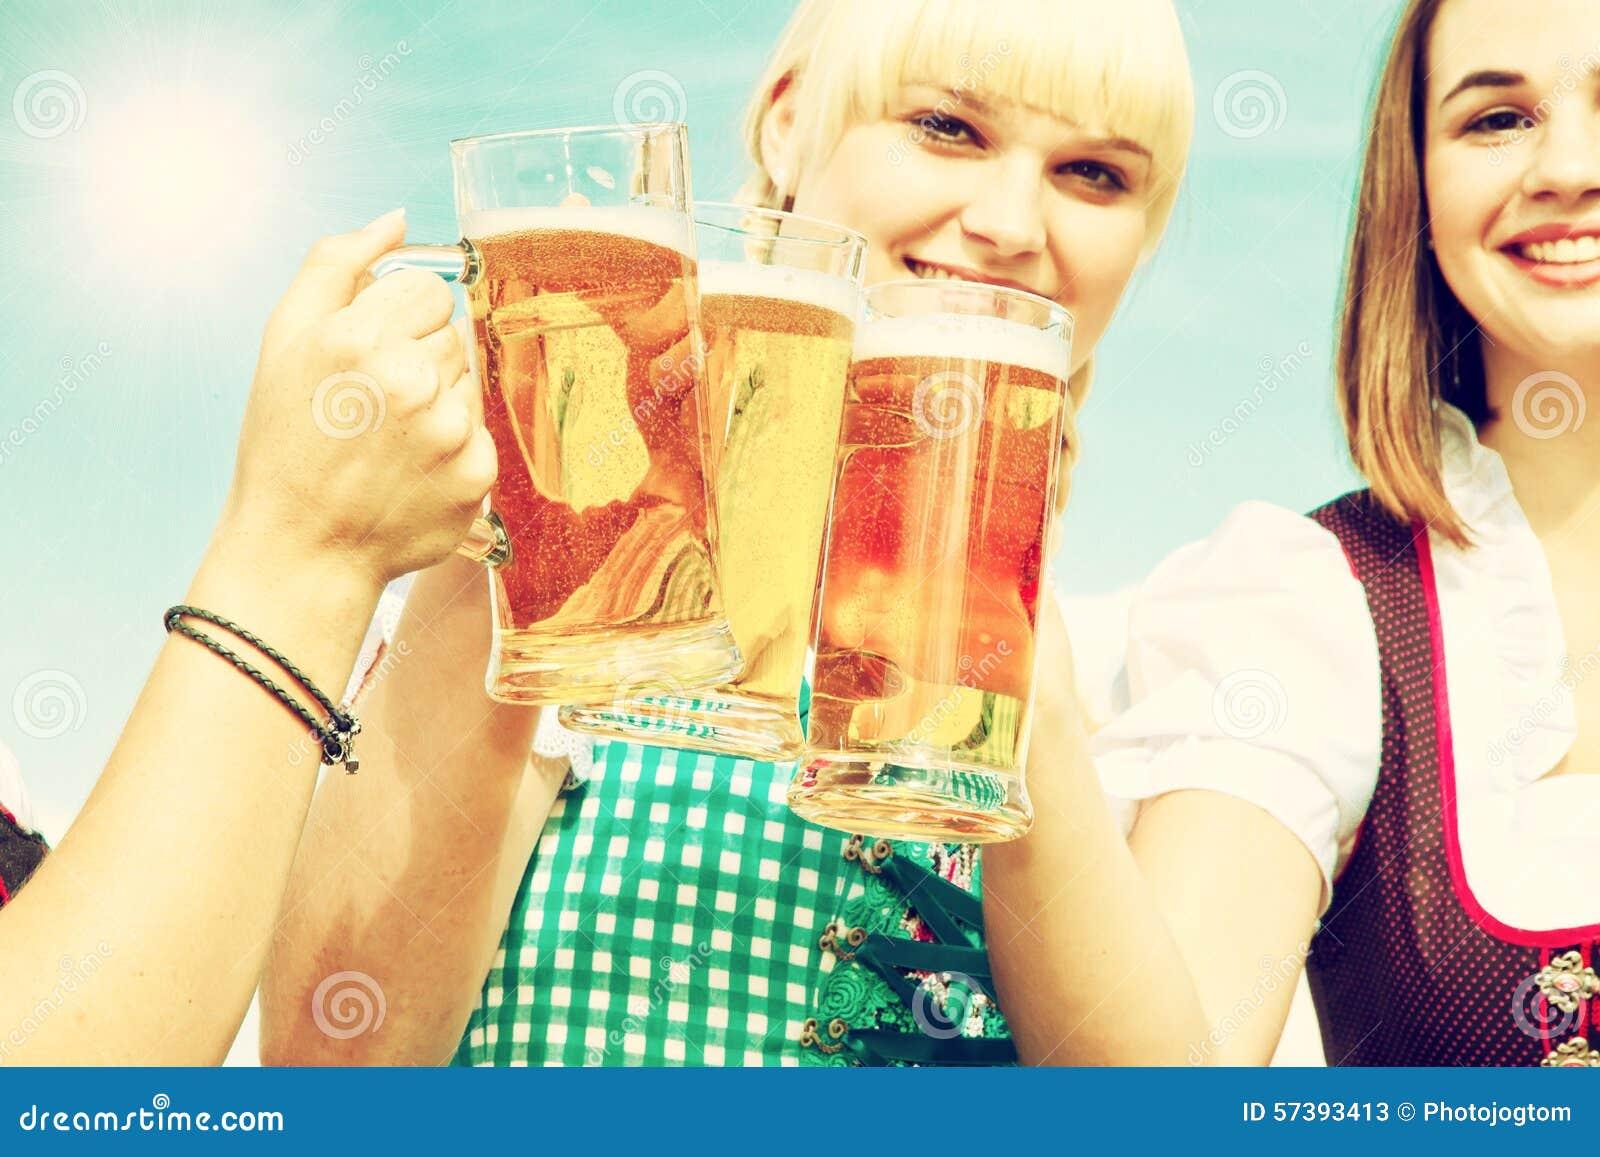 Drie meisjes die bier drinken